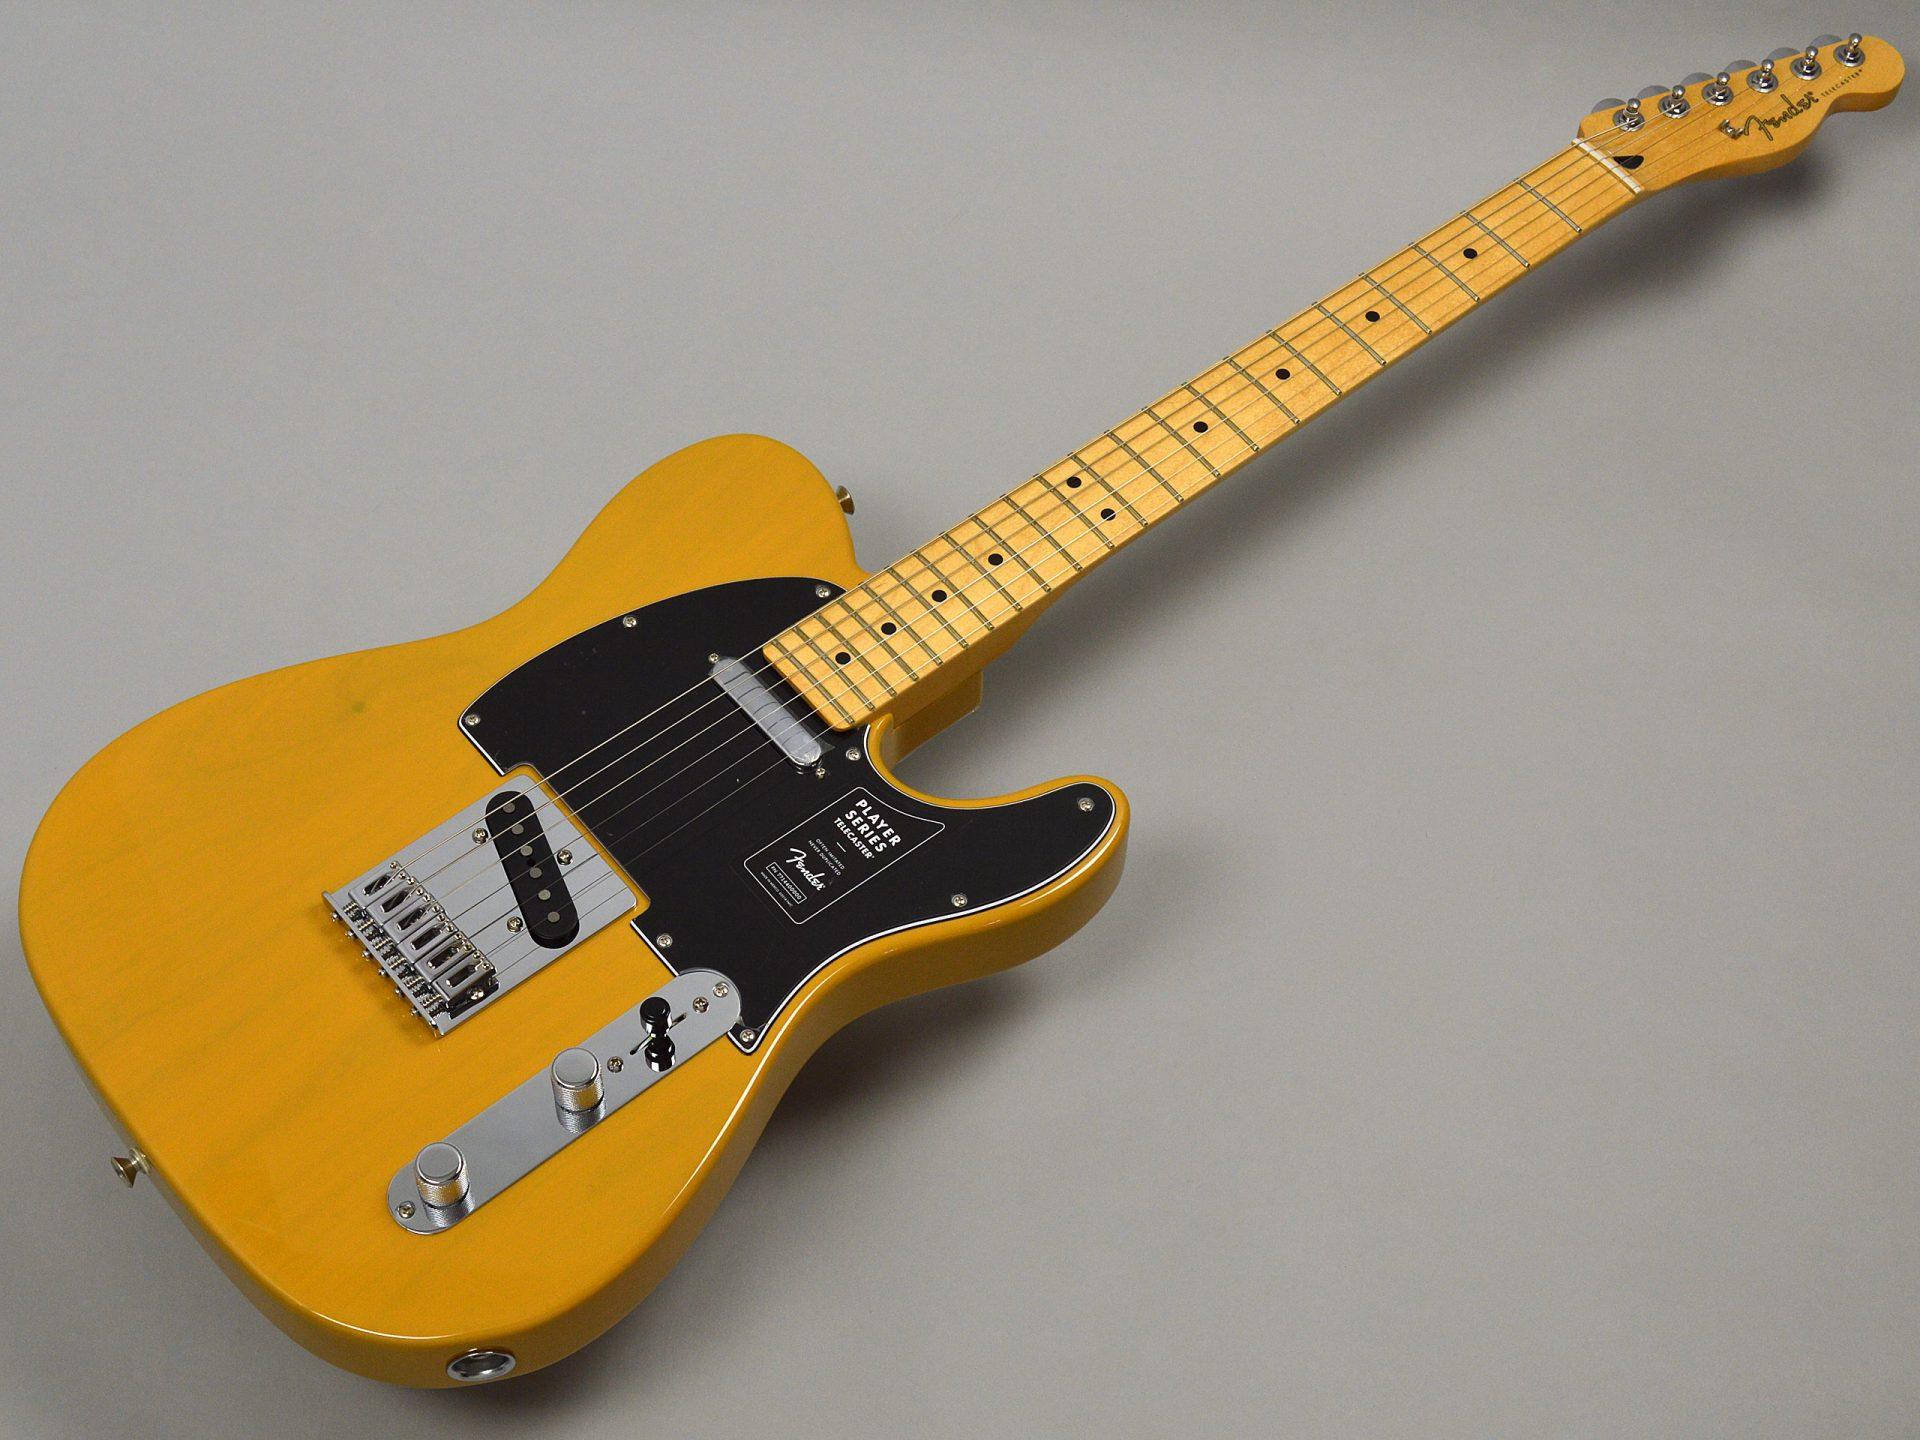 Fender PLAYER TELECASTER/Mapleトップ画像